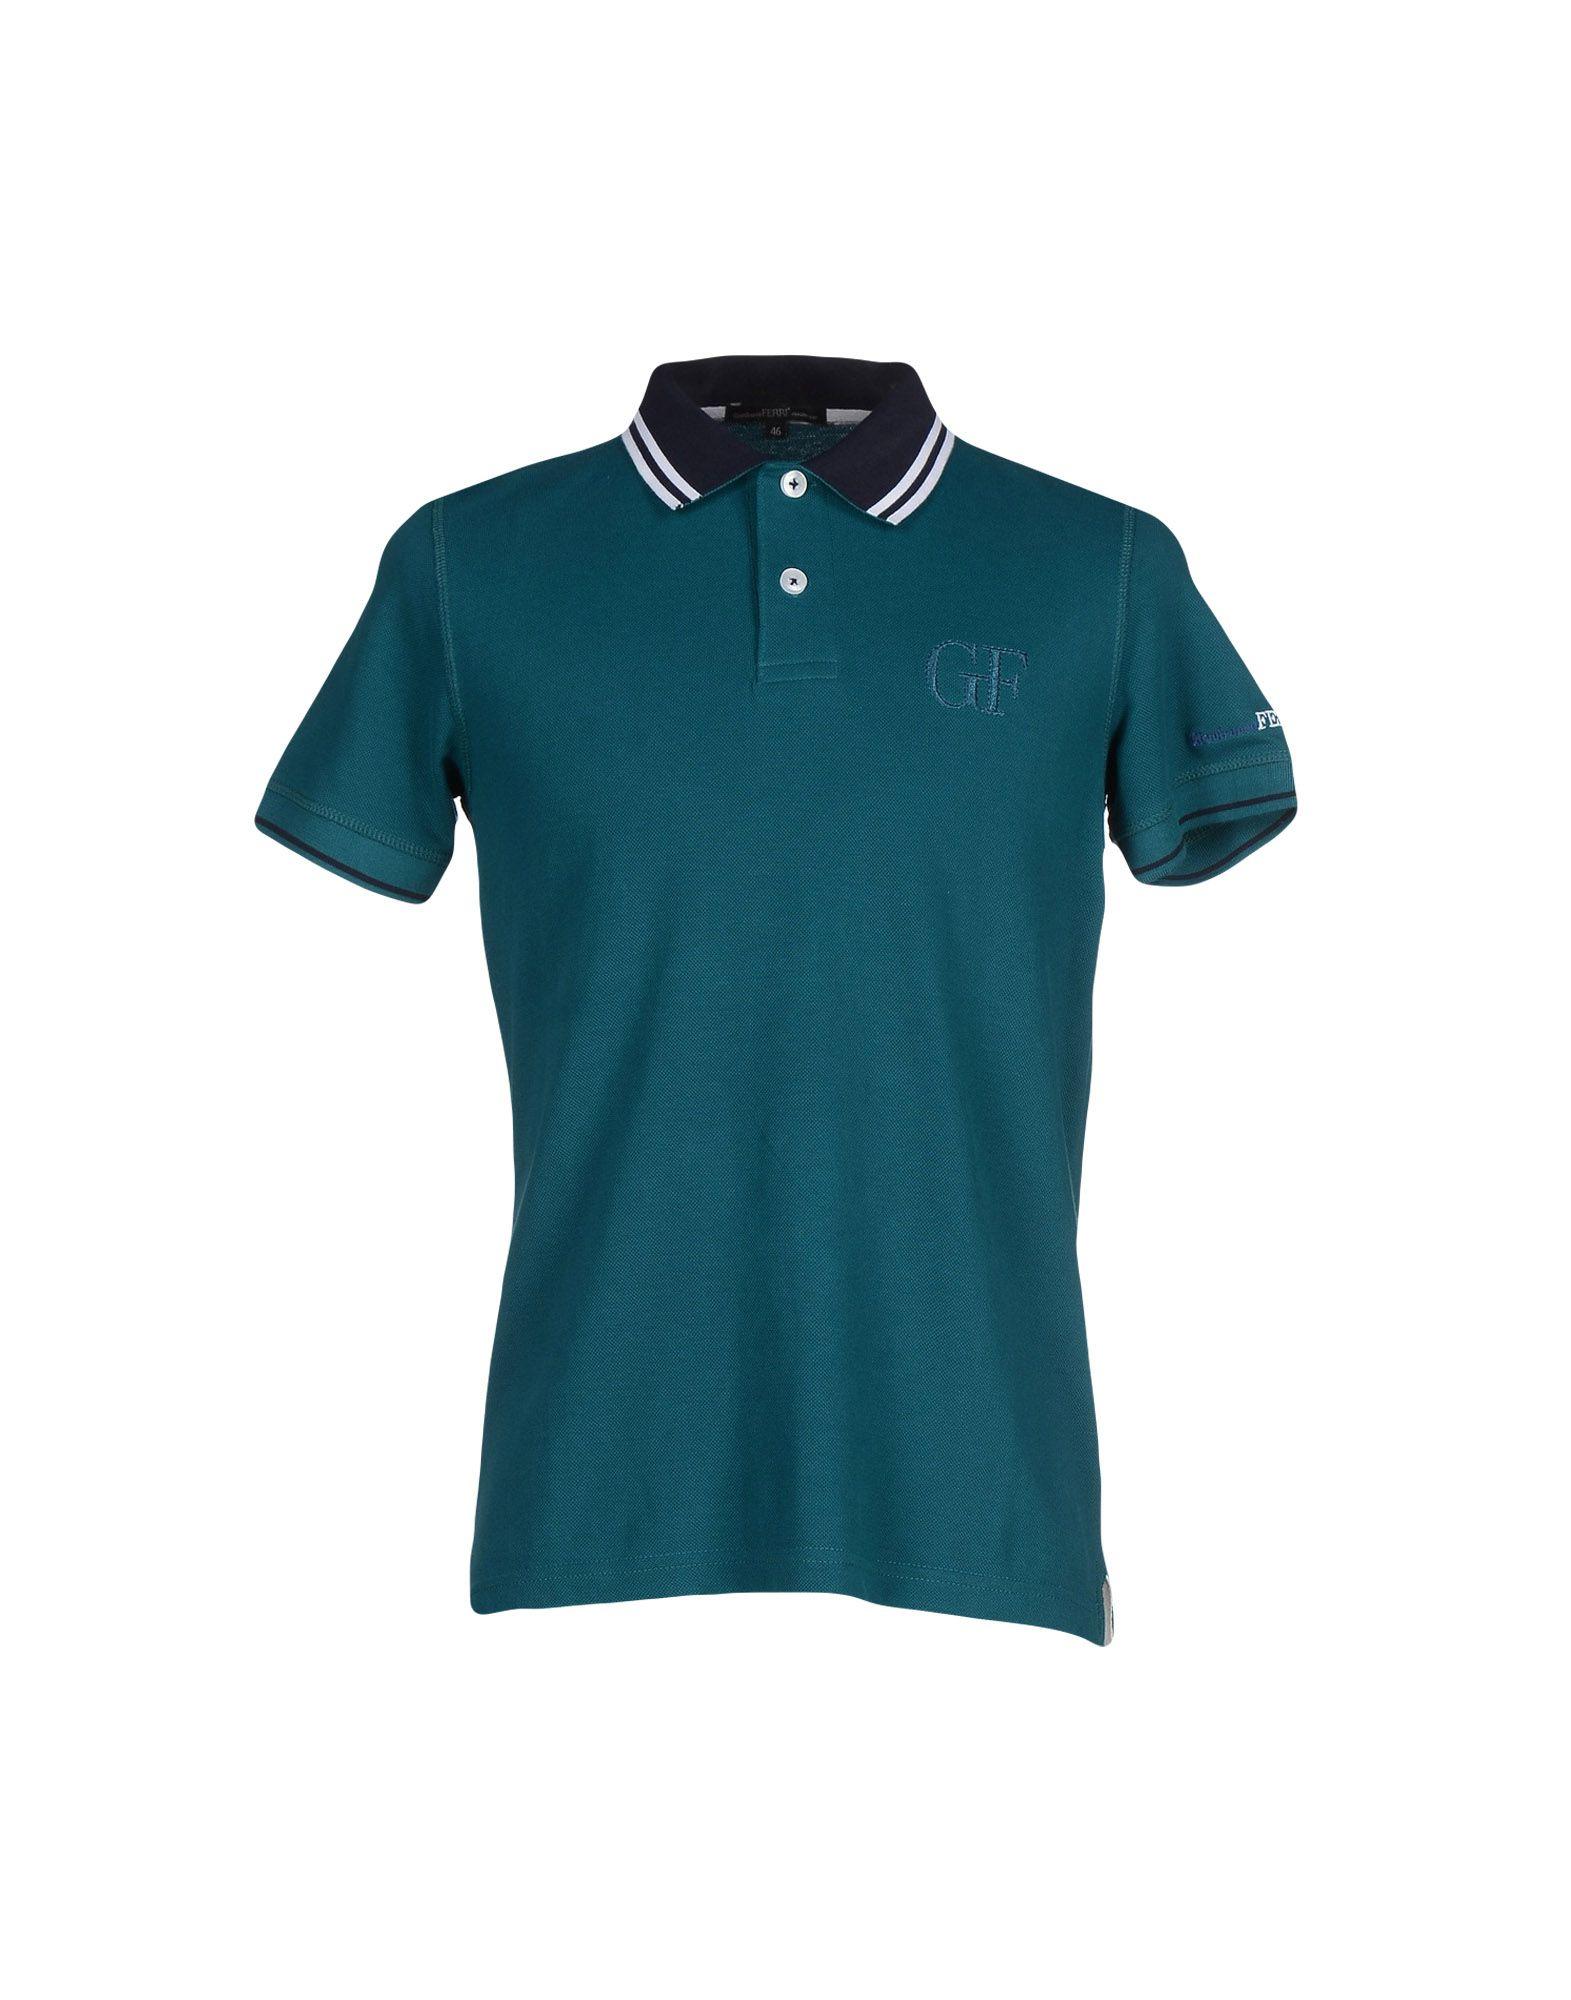 Gianfranco ferr polo shirt in green for men dark green for Dark green mens polo shirt